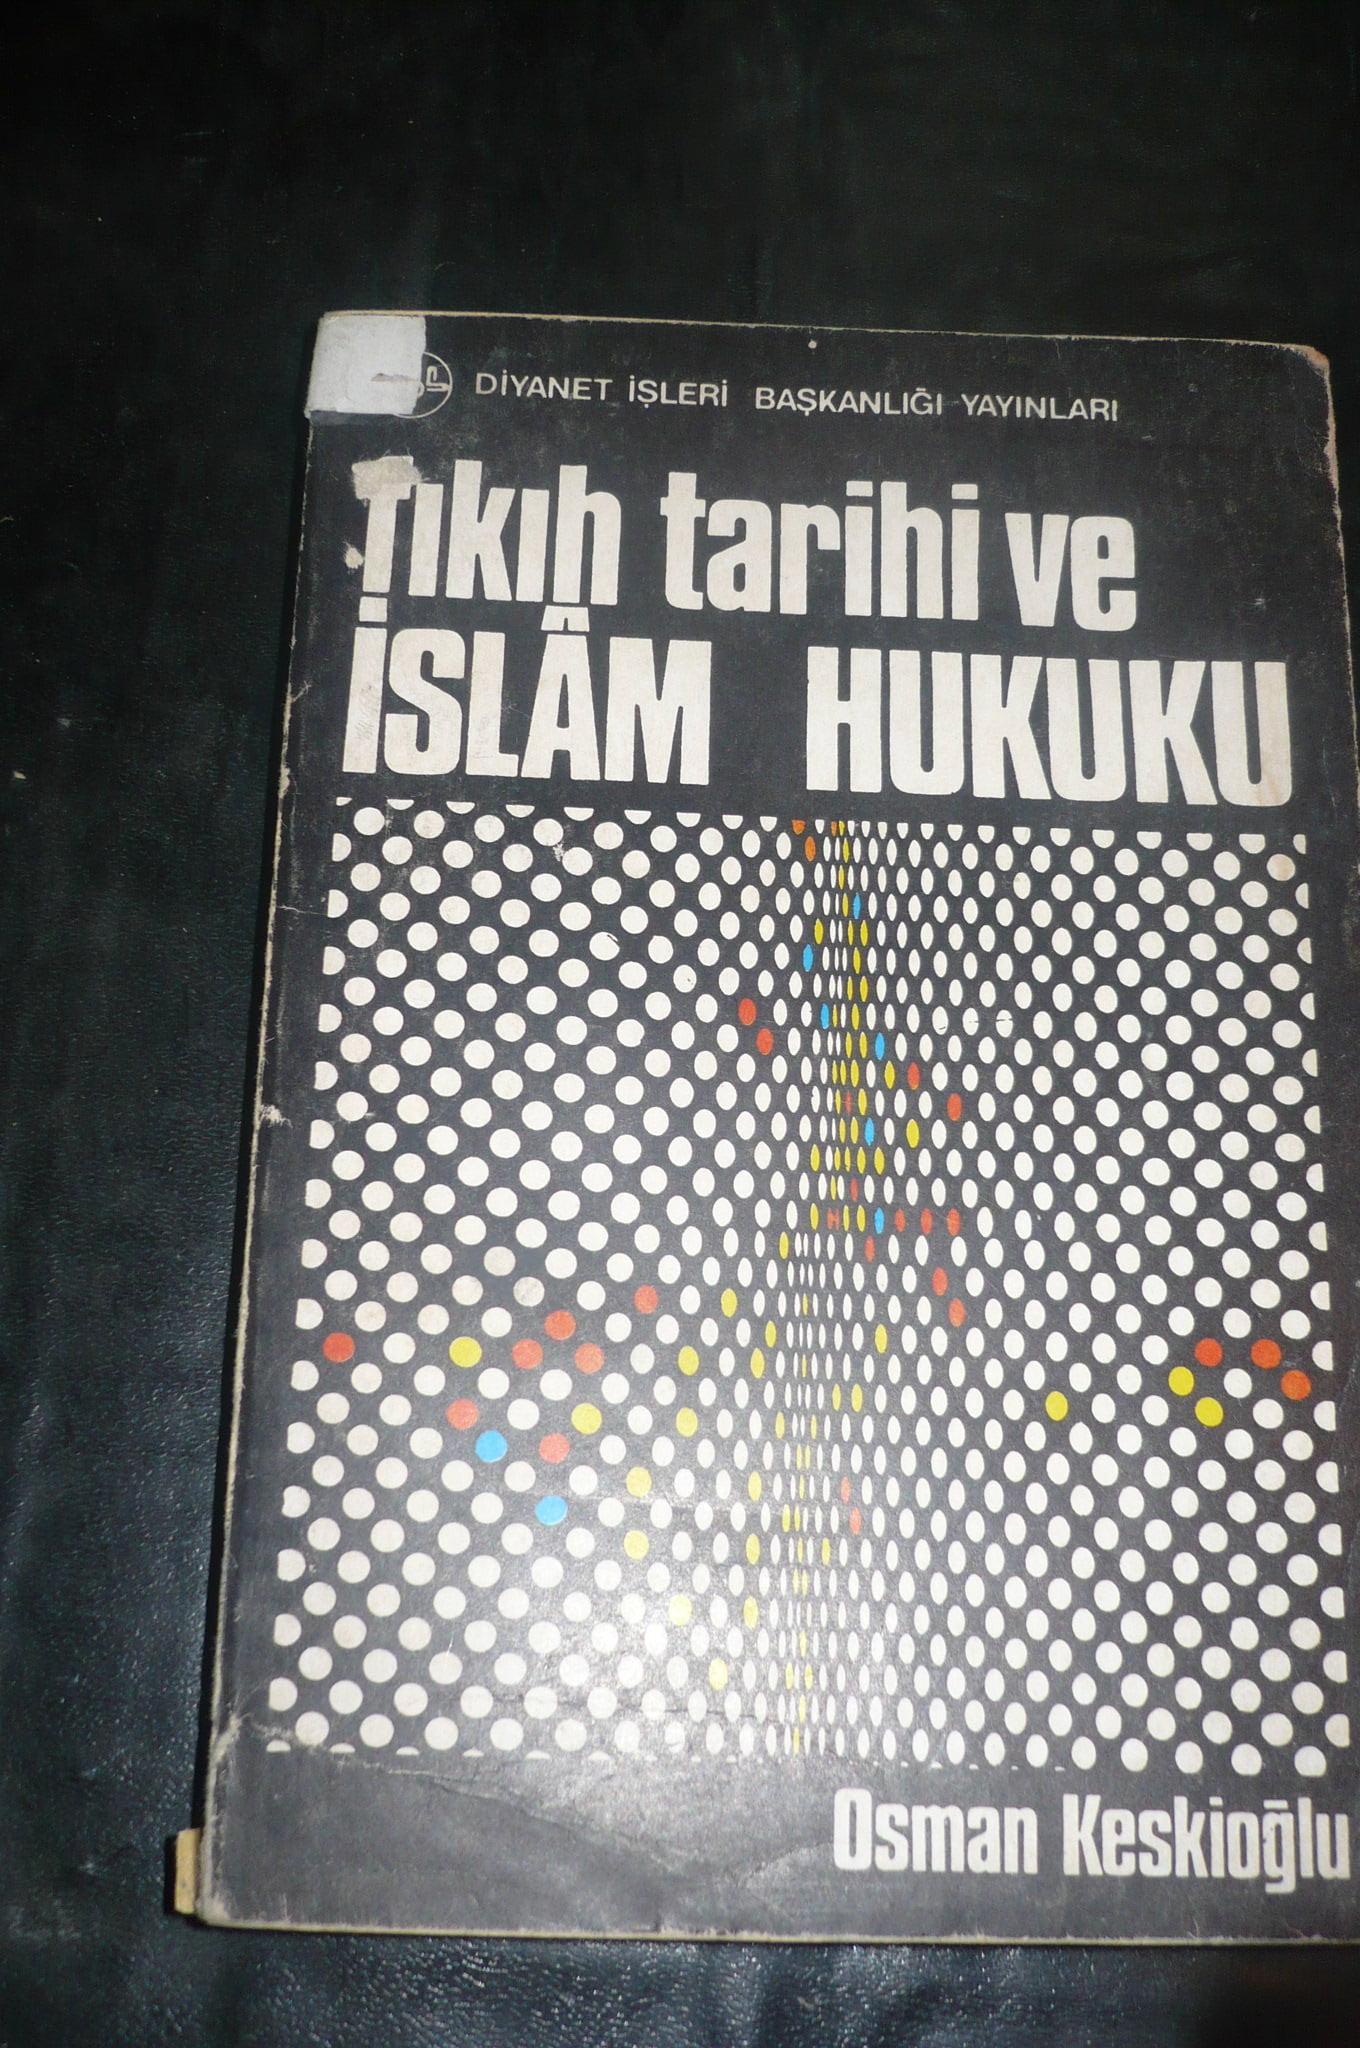 Fıkıh tarihi ve İSLAM HUKUKU/ Osman Keskioğlu/ 10 tl